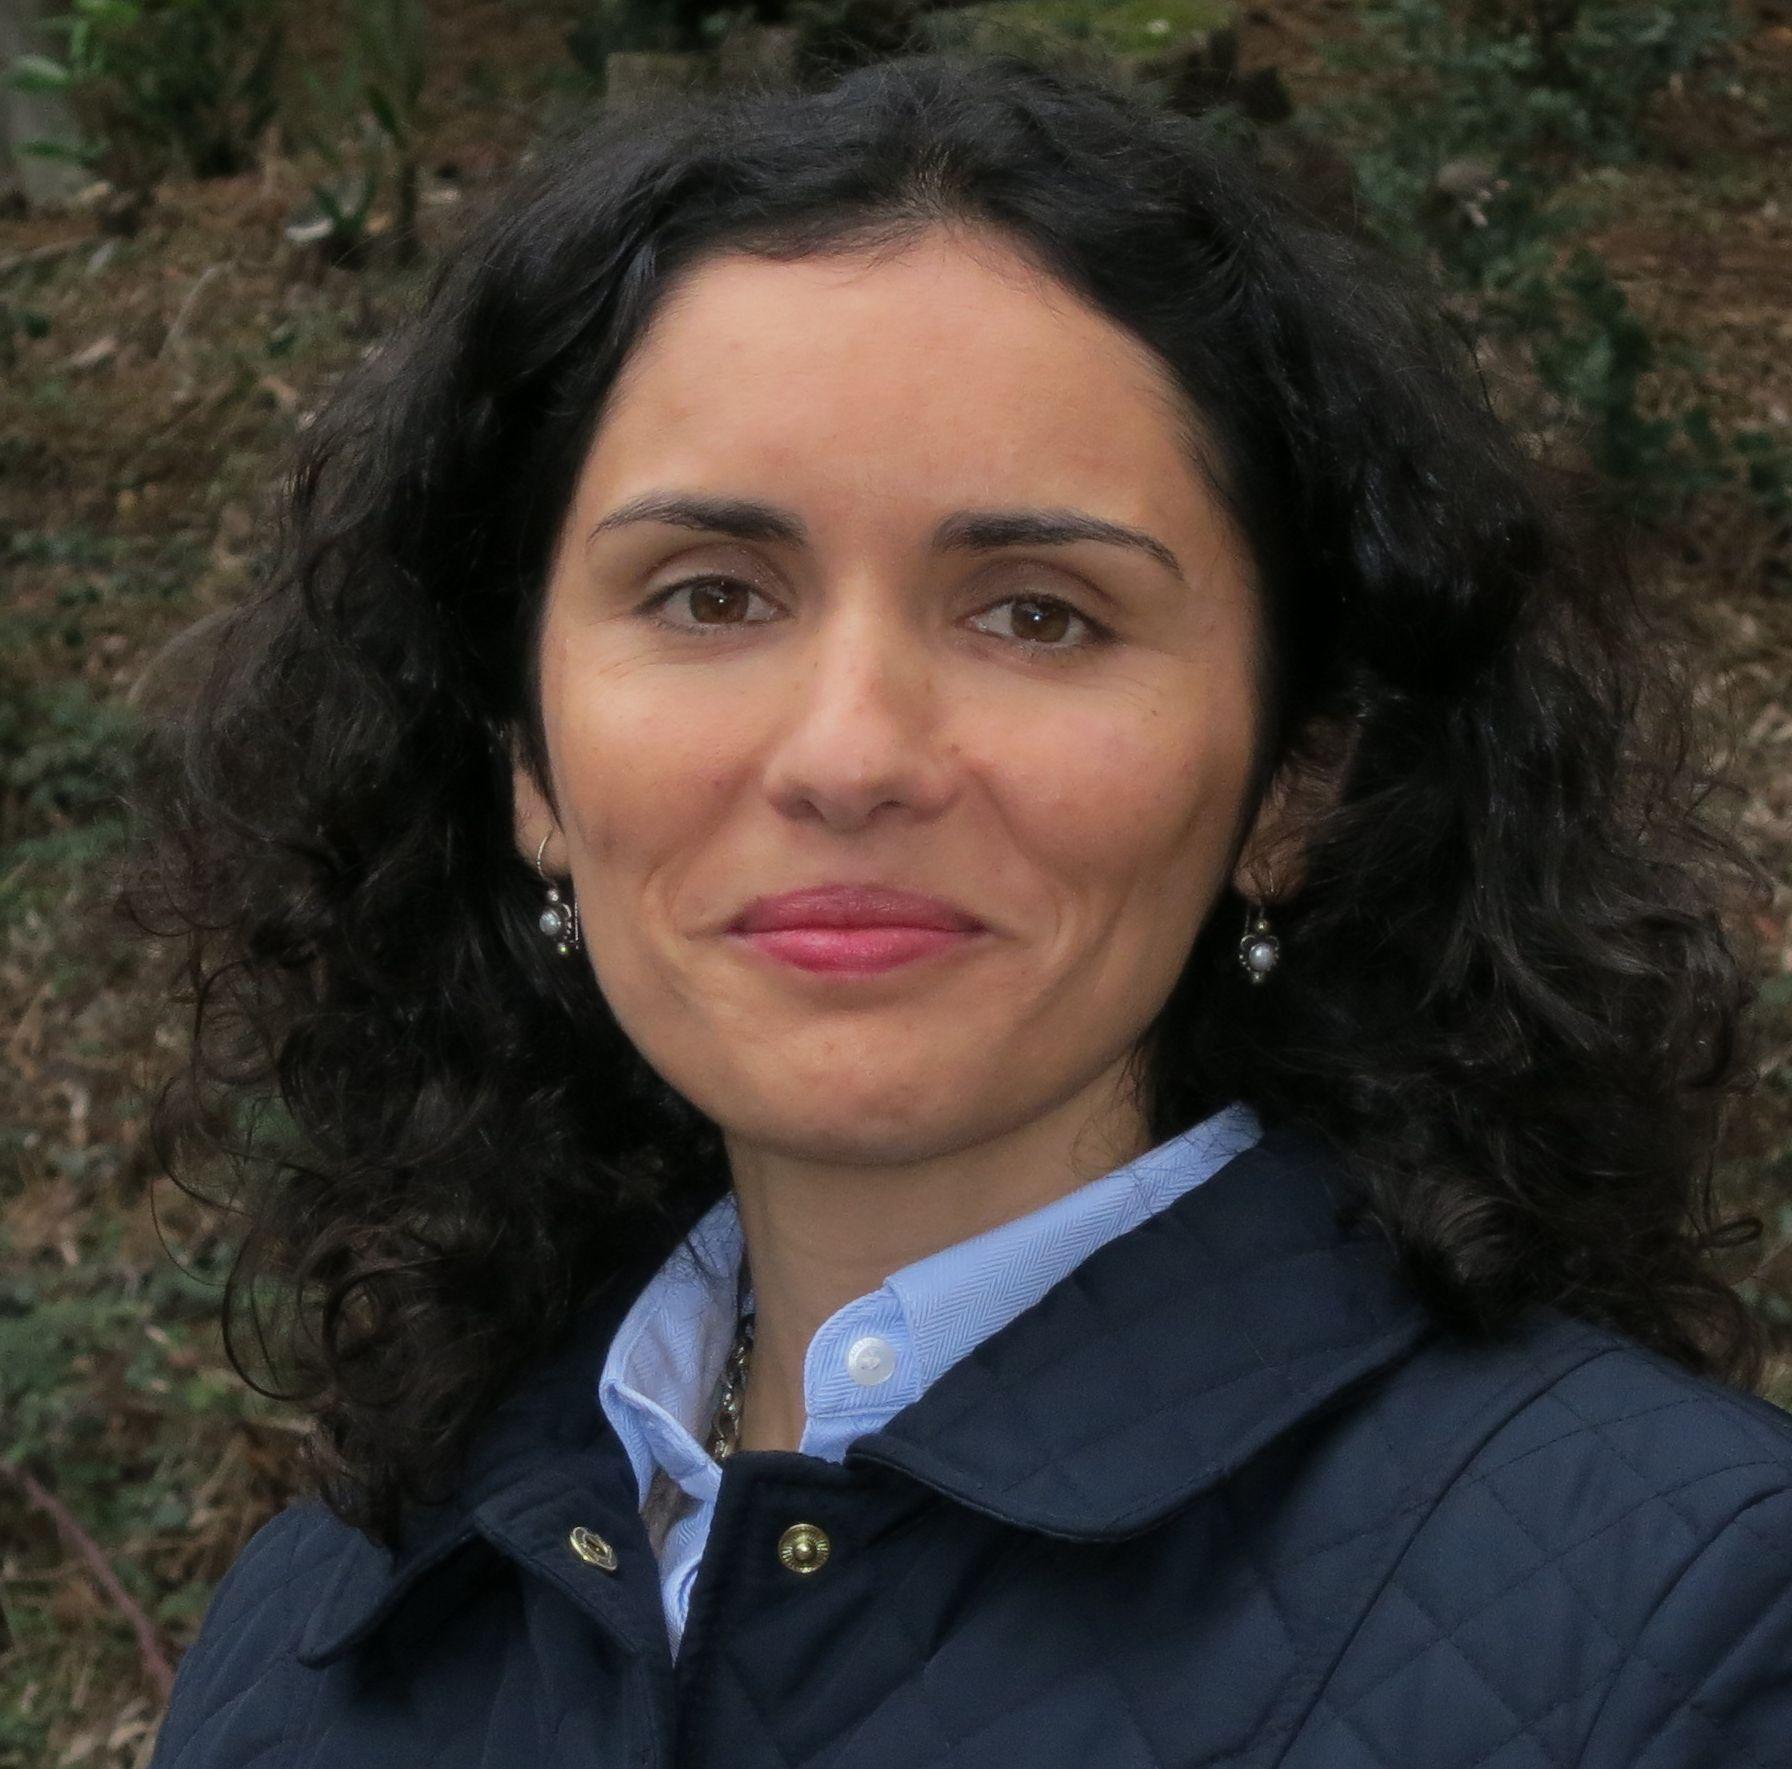 Leónia Nunes